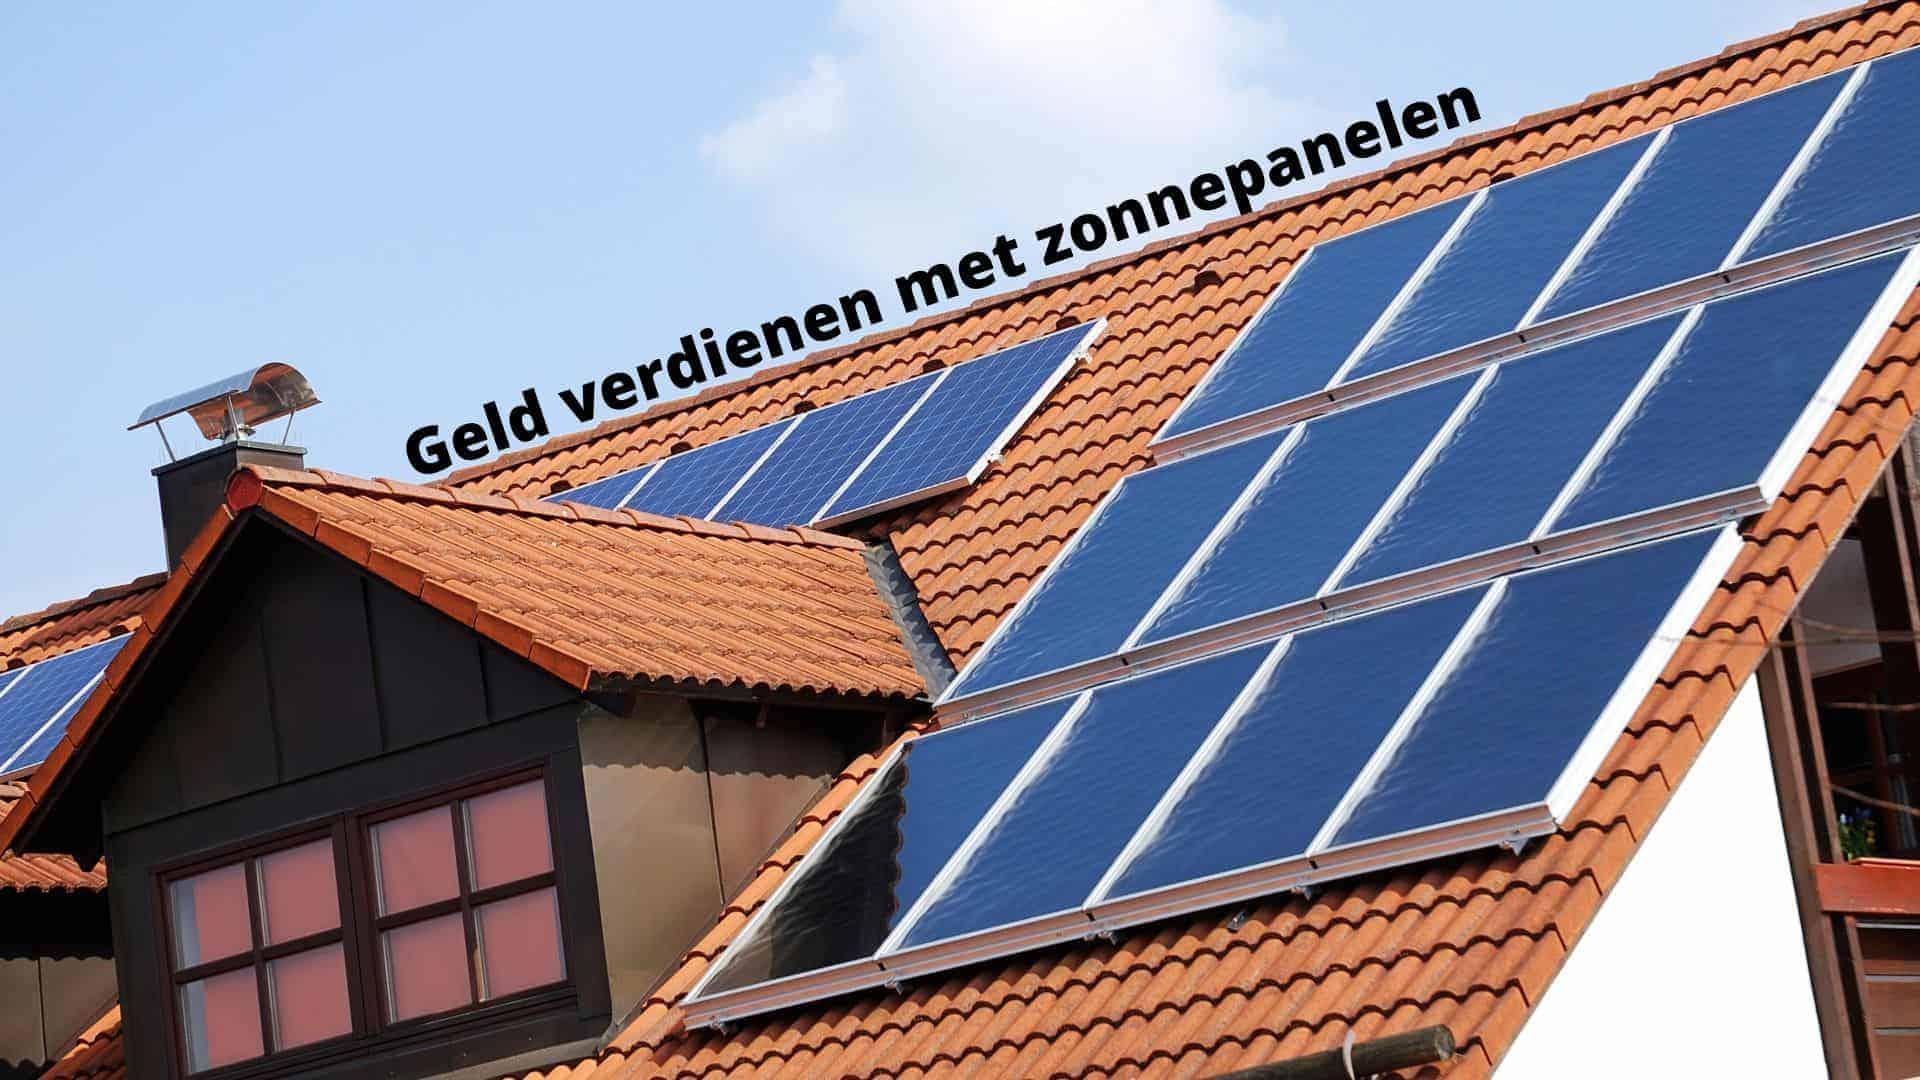 Geld-verdienen-met-zonnepanelen